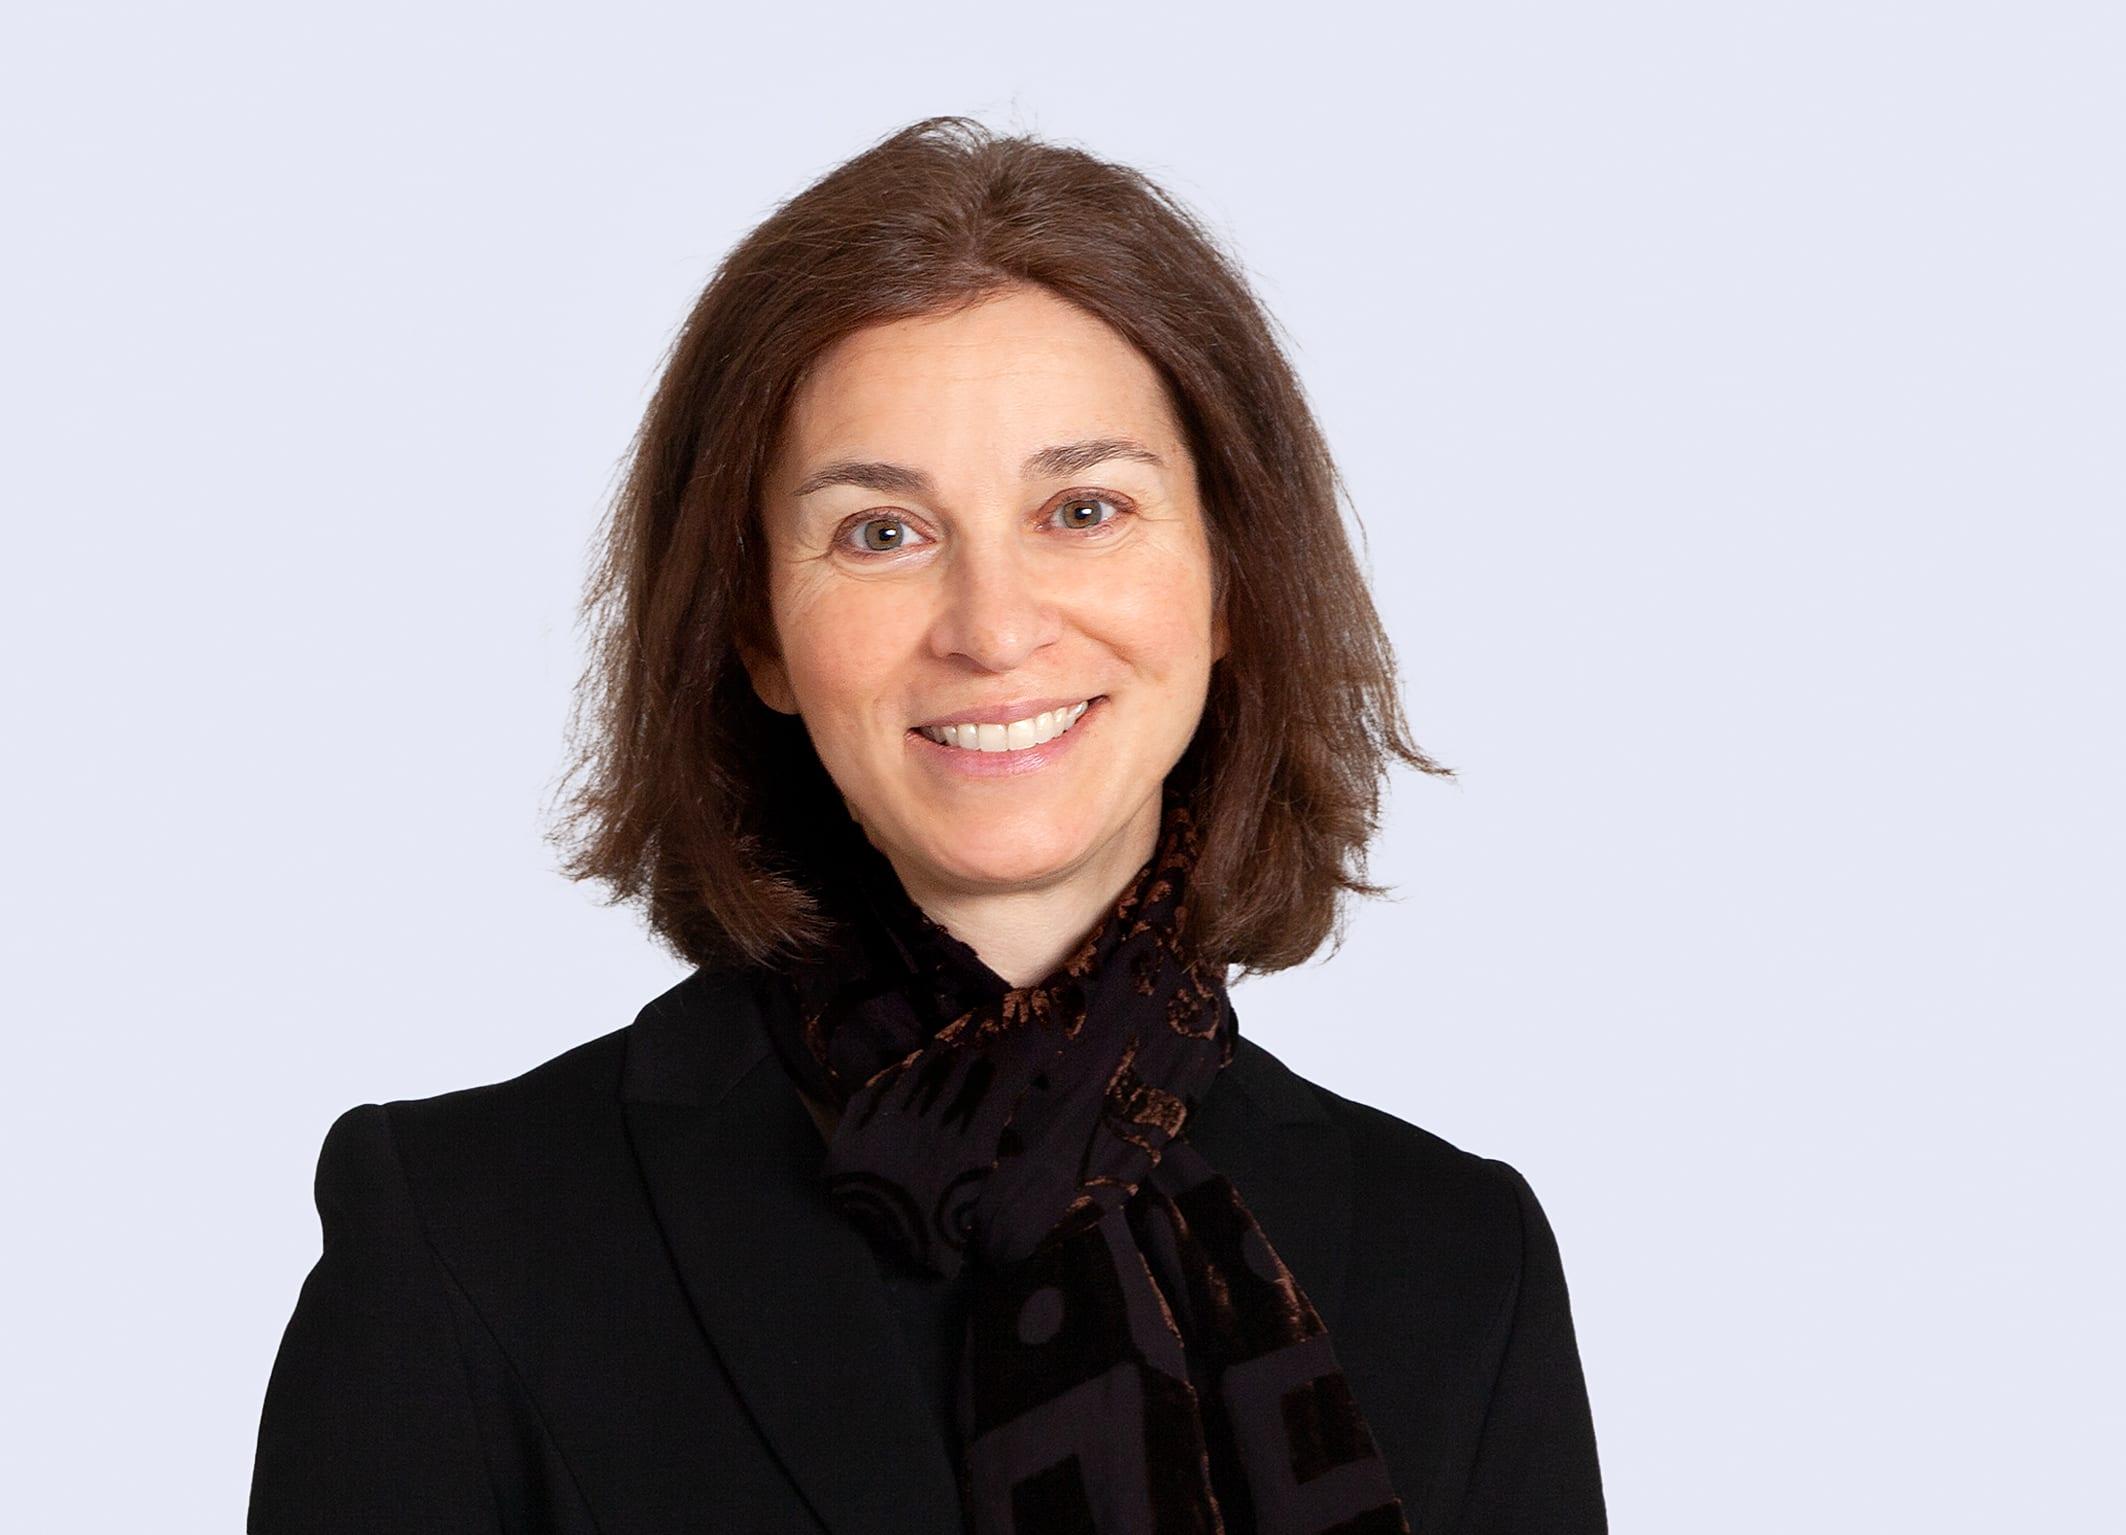 Lisen A. Kjekshus